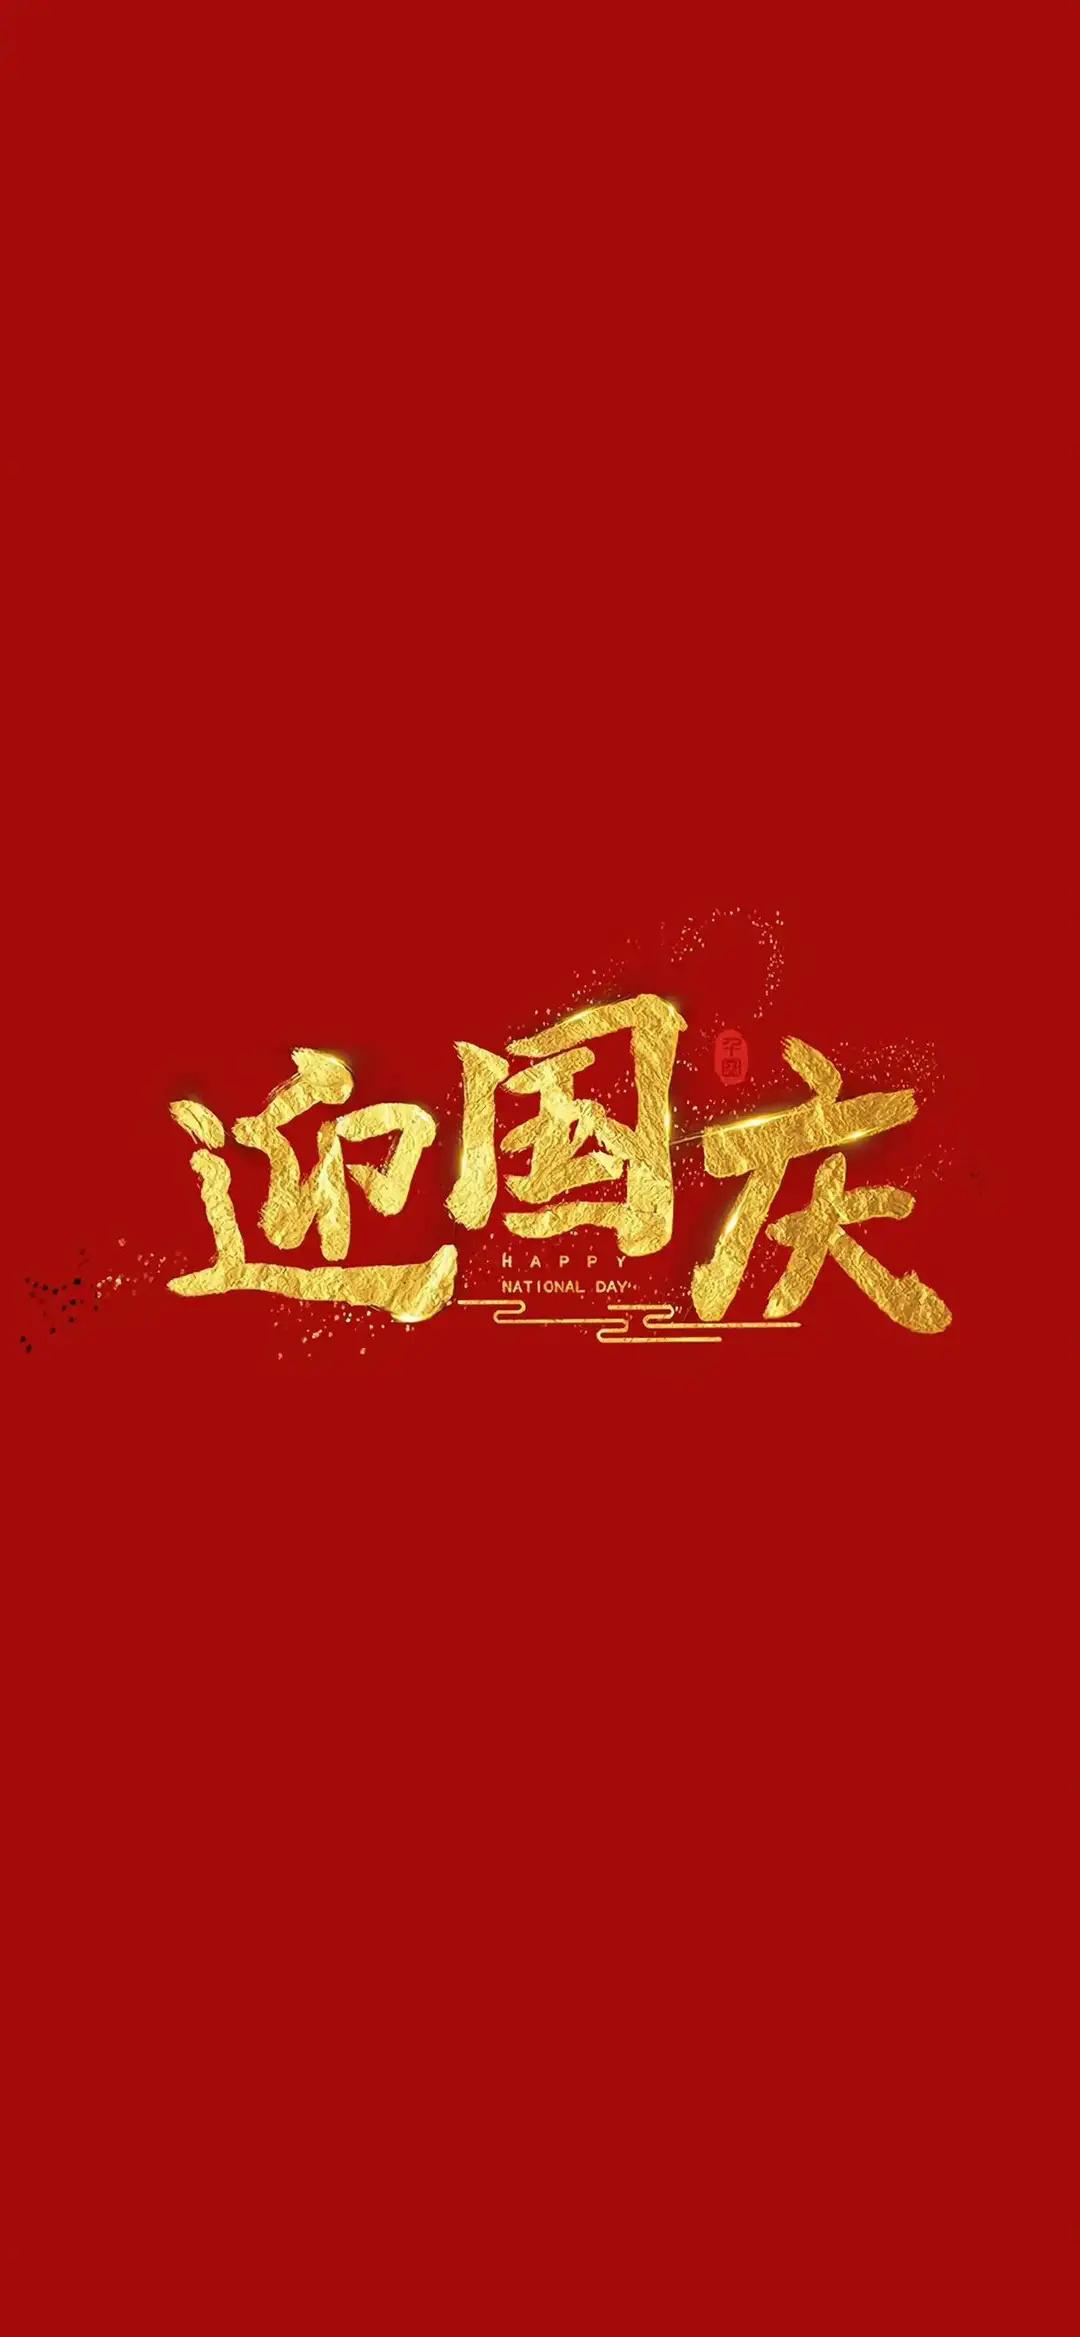 2021国庆节祝福语精选72条 适合发朋友圈的国庆节图片 liuliushe.net六六社 第7张